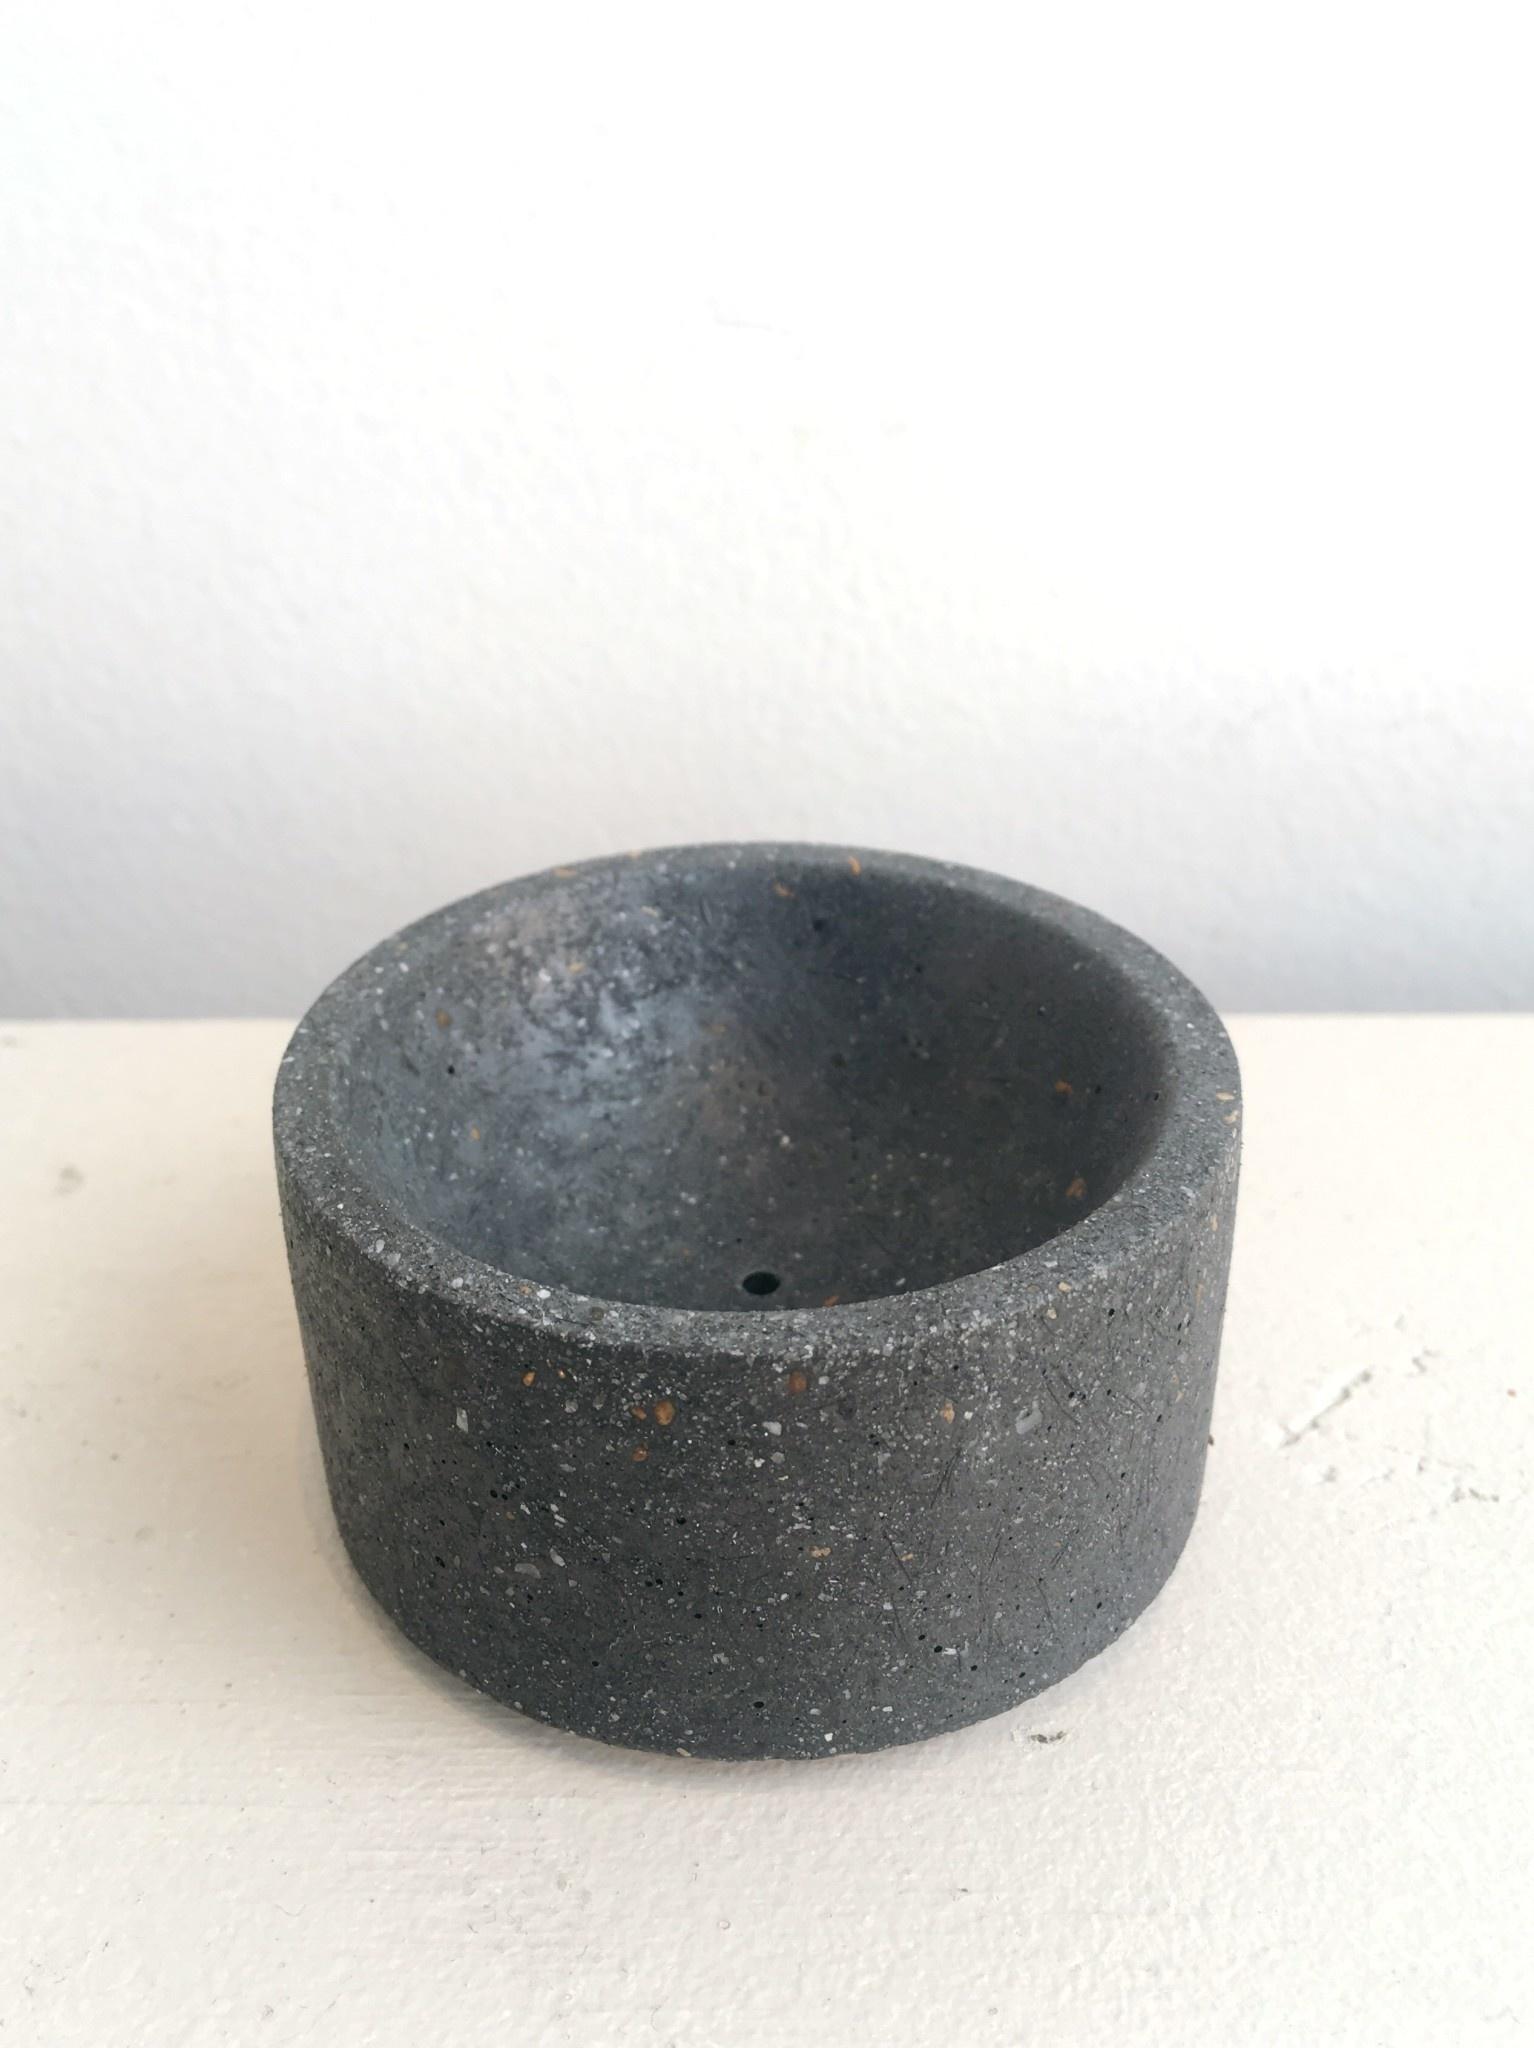 Pretti Cool Concrete Incense Holder